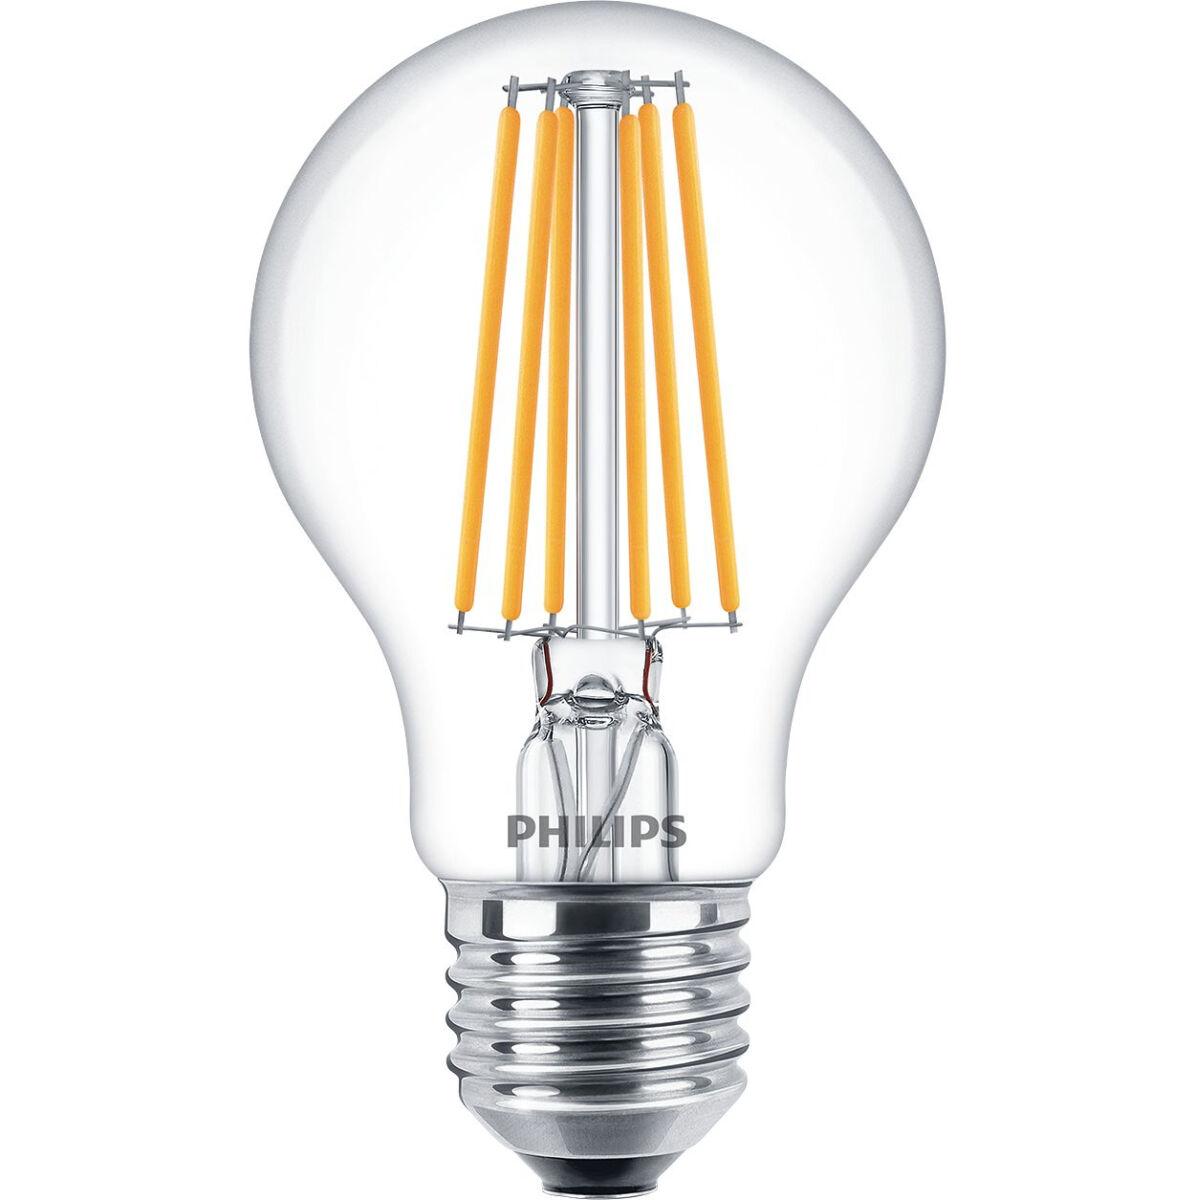 philips philed75 lampada led goccia trasparente e27 08w